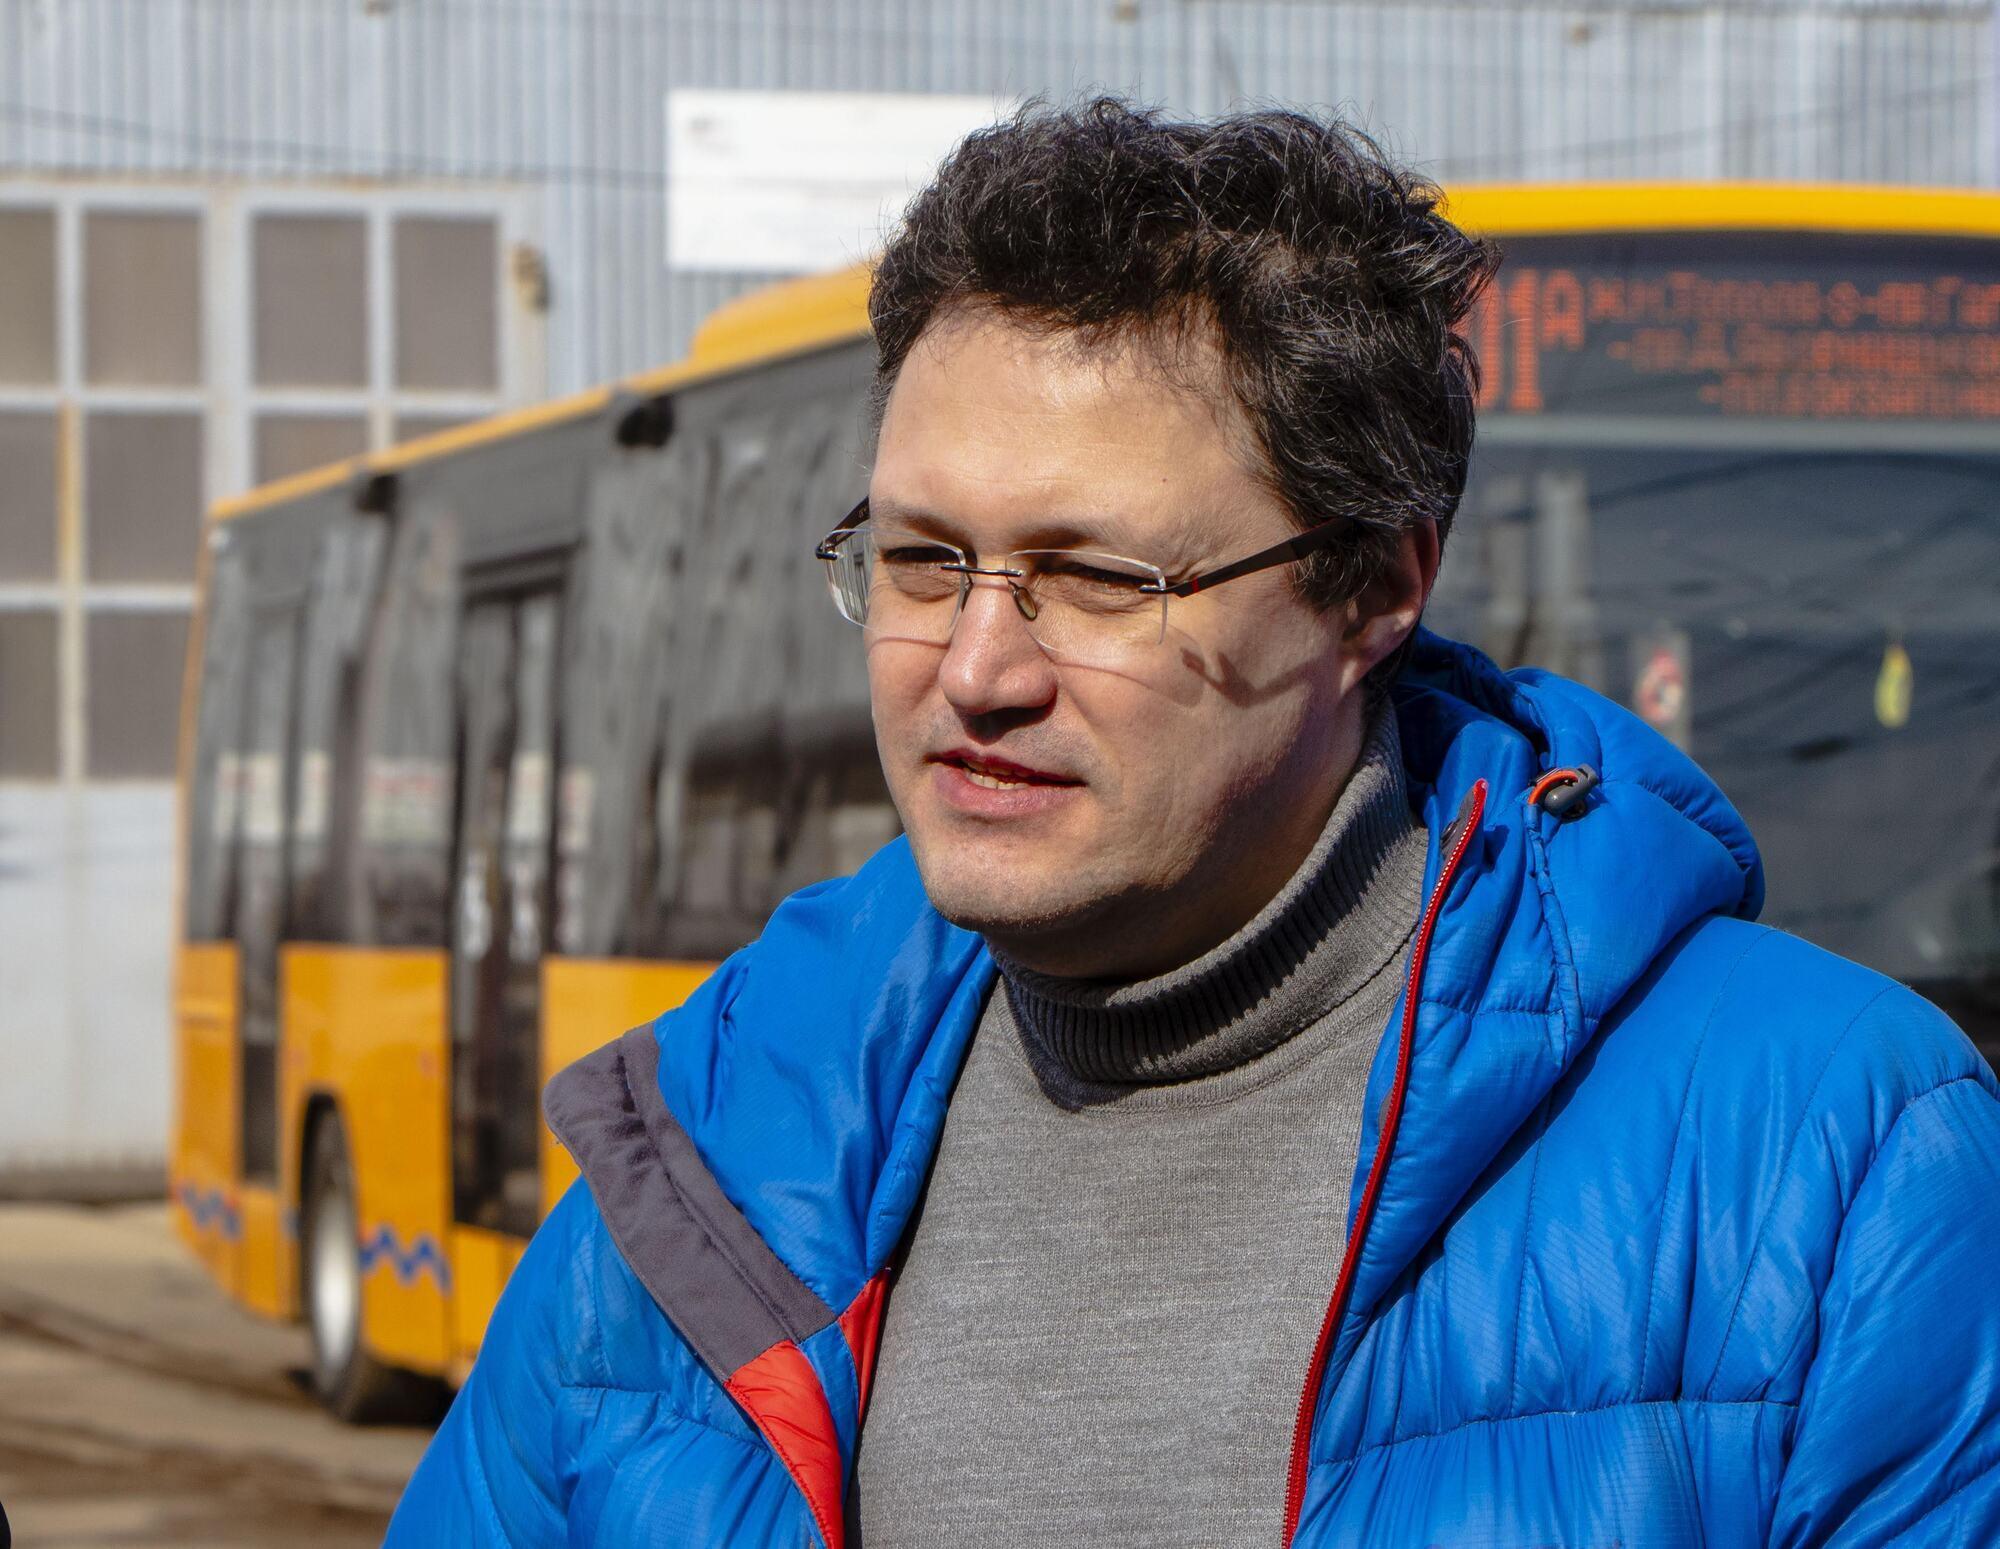 Брендування громадського транспорту має низку переваг, зазначив Білопольський